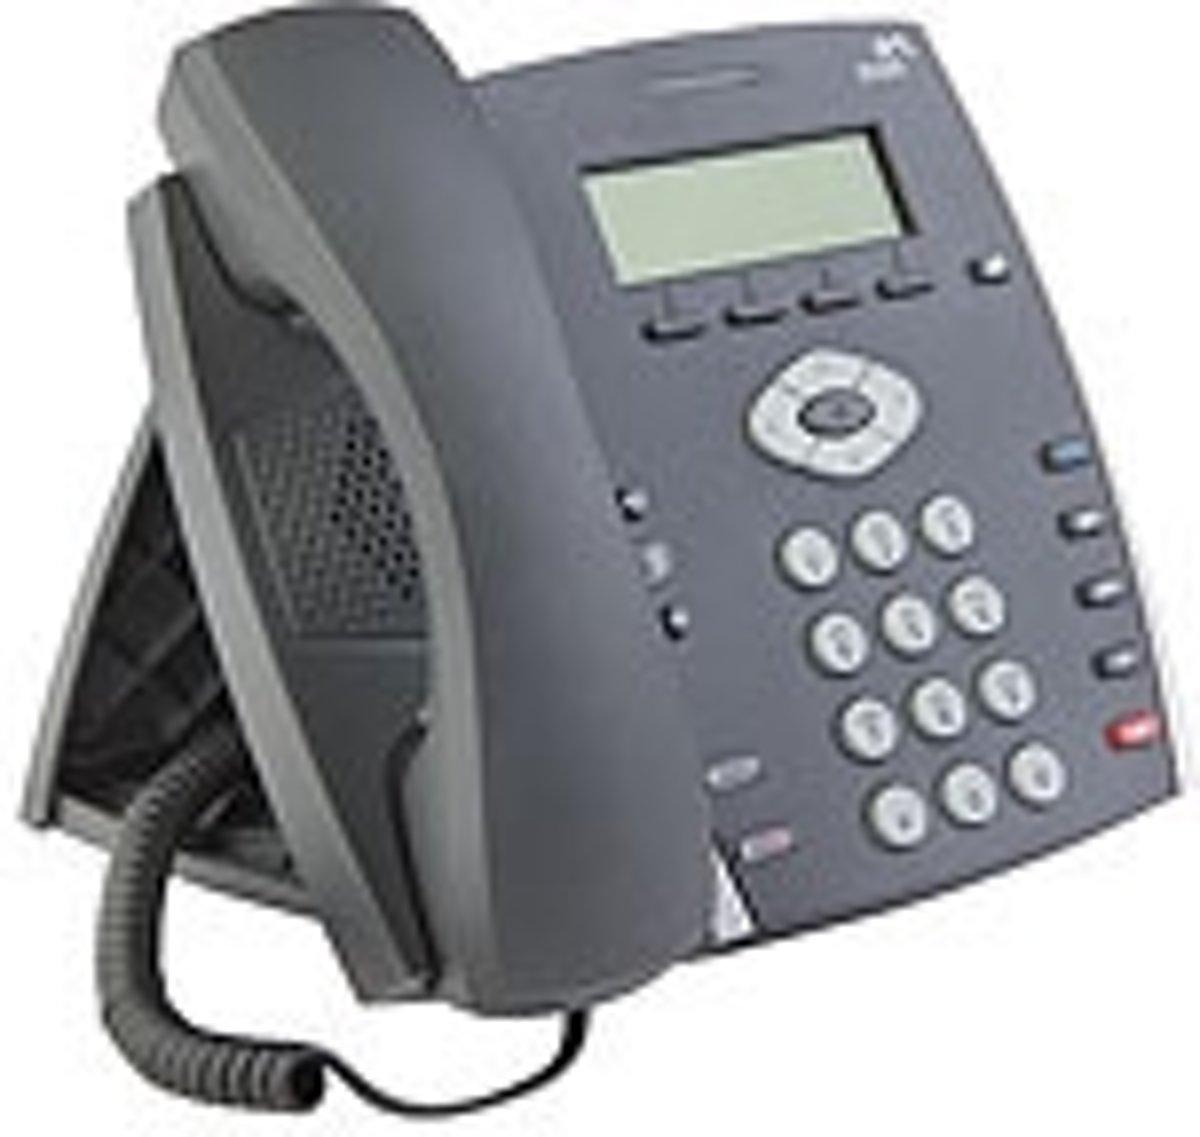 HP 3500 IP - VoIP telefoon - Antwoordapparaat - Grijs